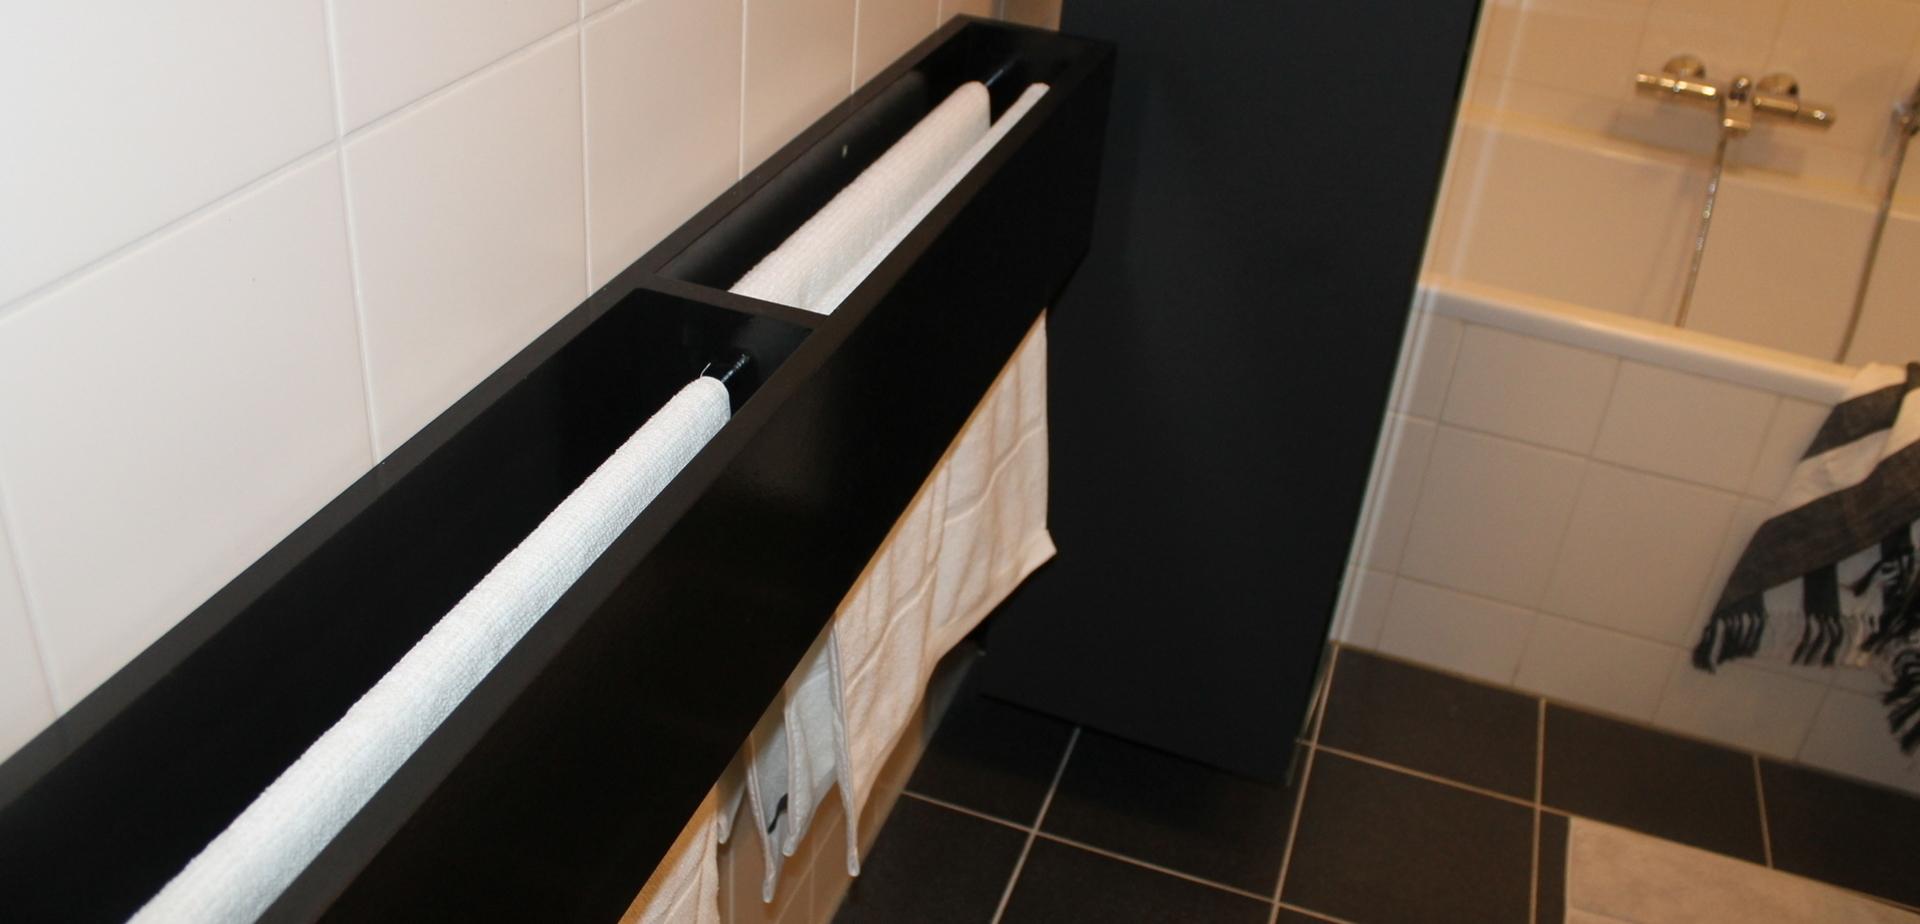 fabriquer un porte serviettes pour la salle de bains pour les makers. Black Bedroom Furniture Sets. Home Design Ideas